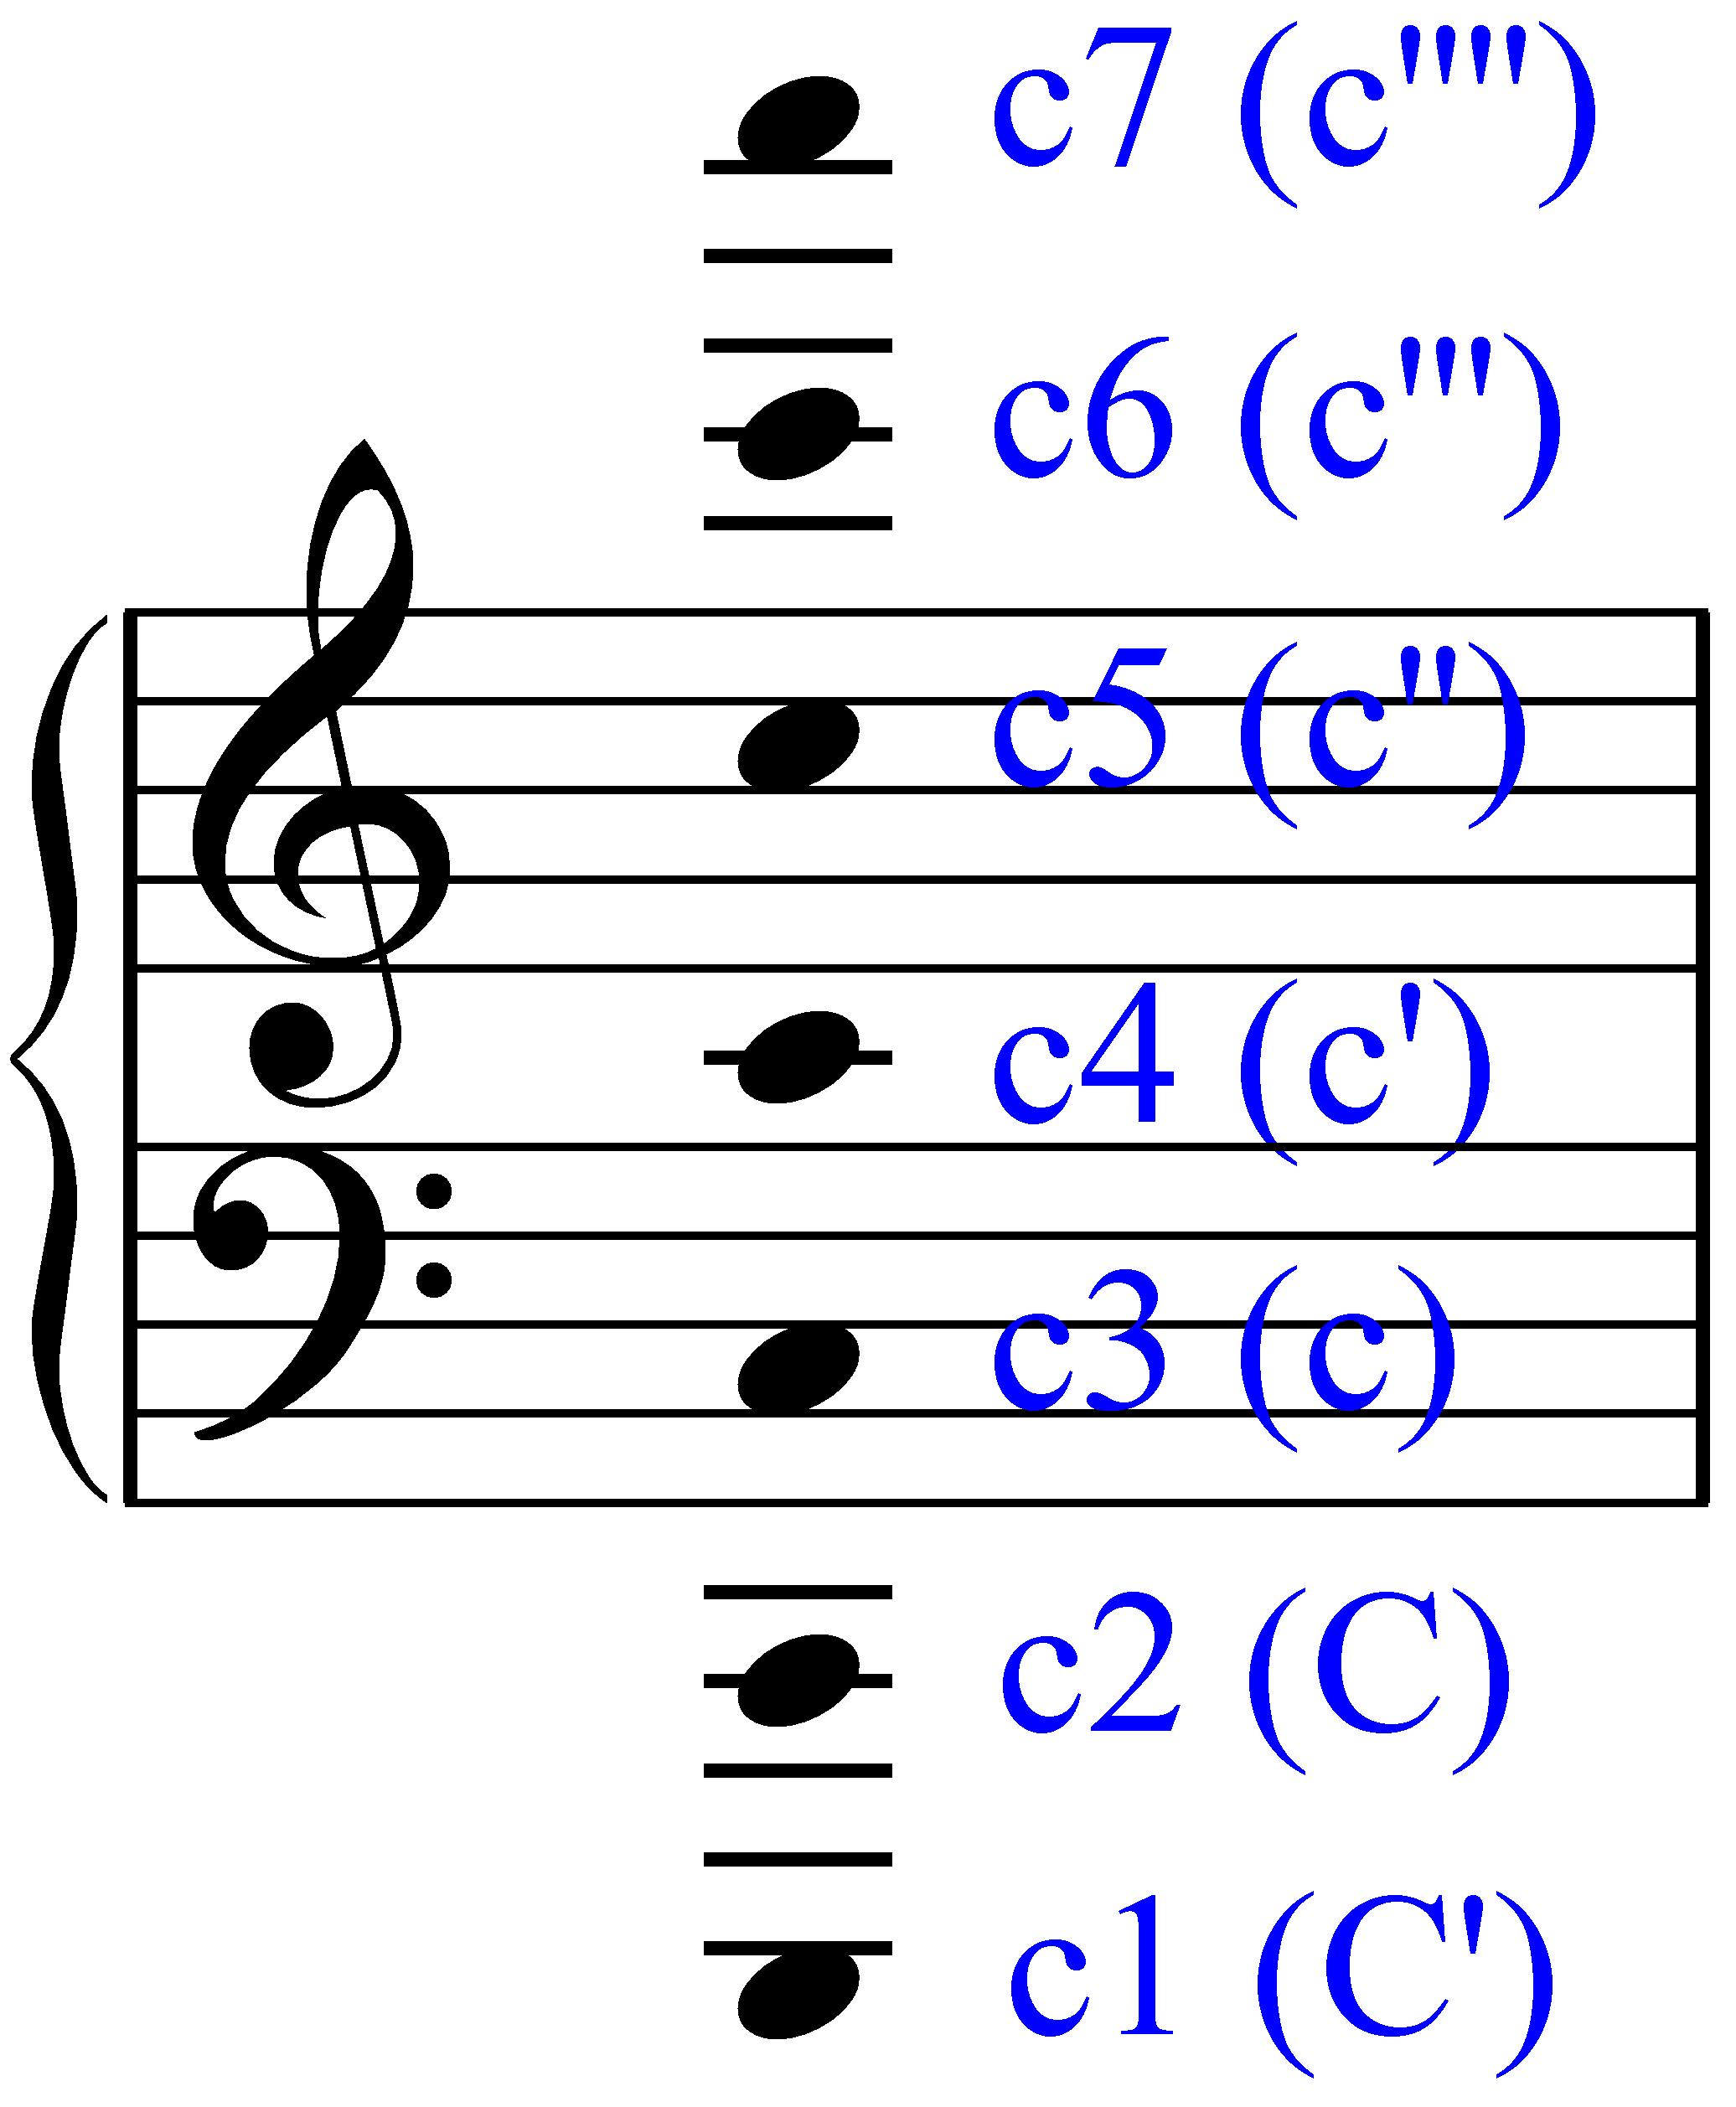 Klaviersystem mit Notennamen - Bernd Michael Sommer - MUSIK IST MEHR